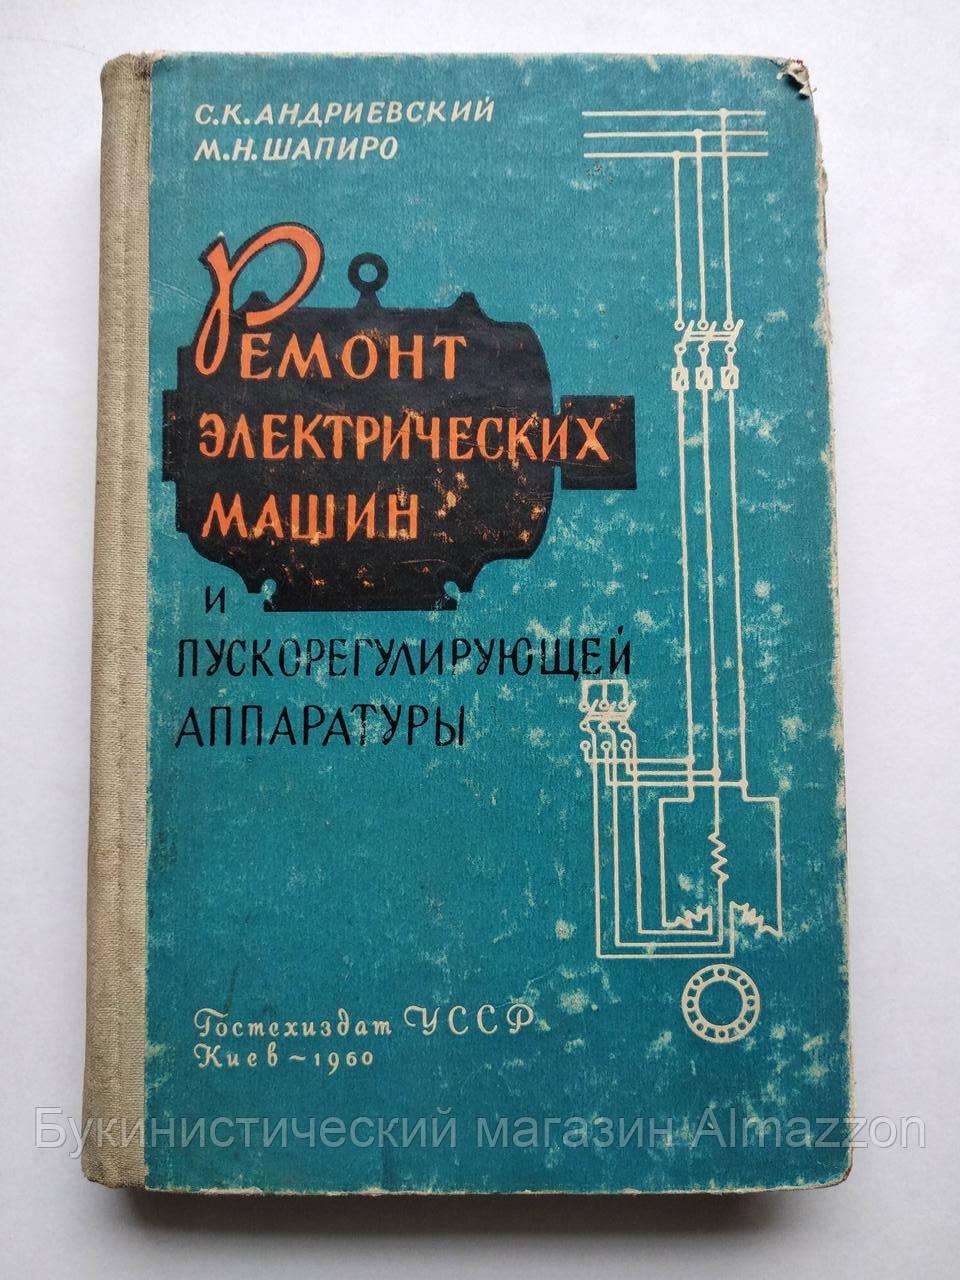 Ремонт электрических машин и пускорегулирующей аппаратуры С.К.Андриевский